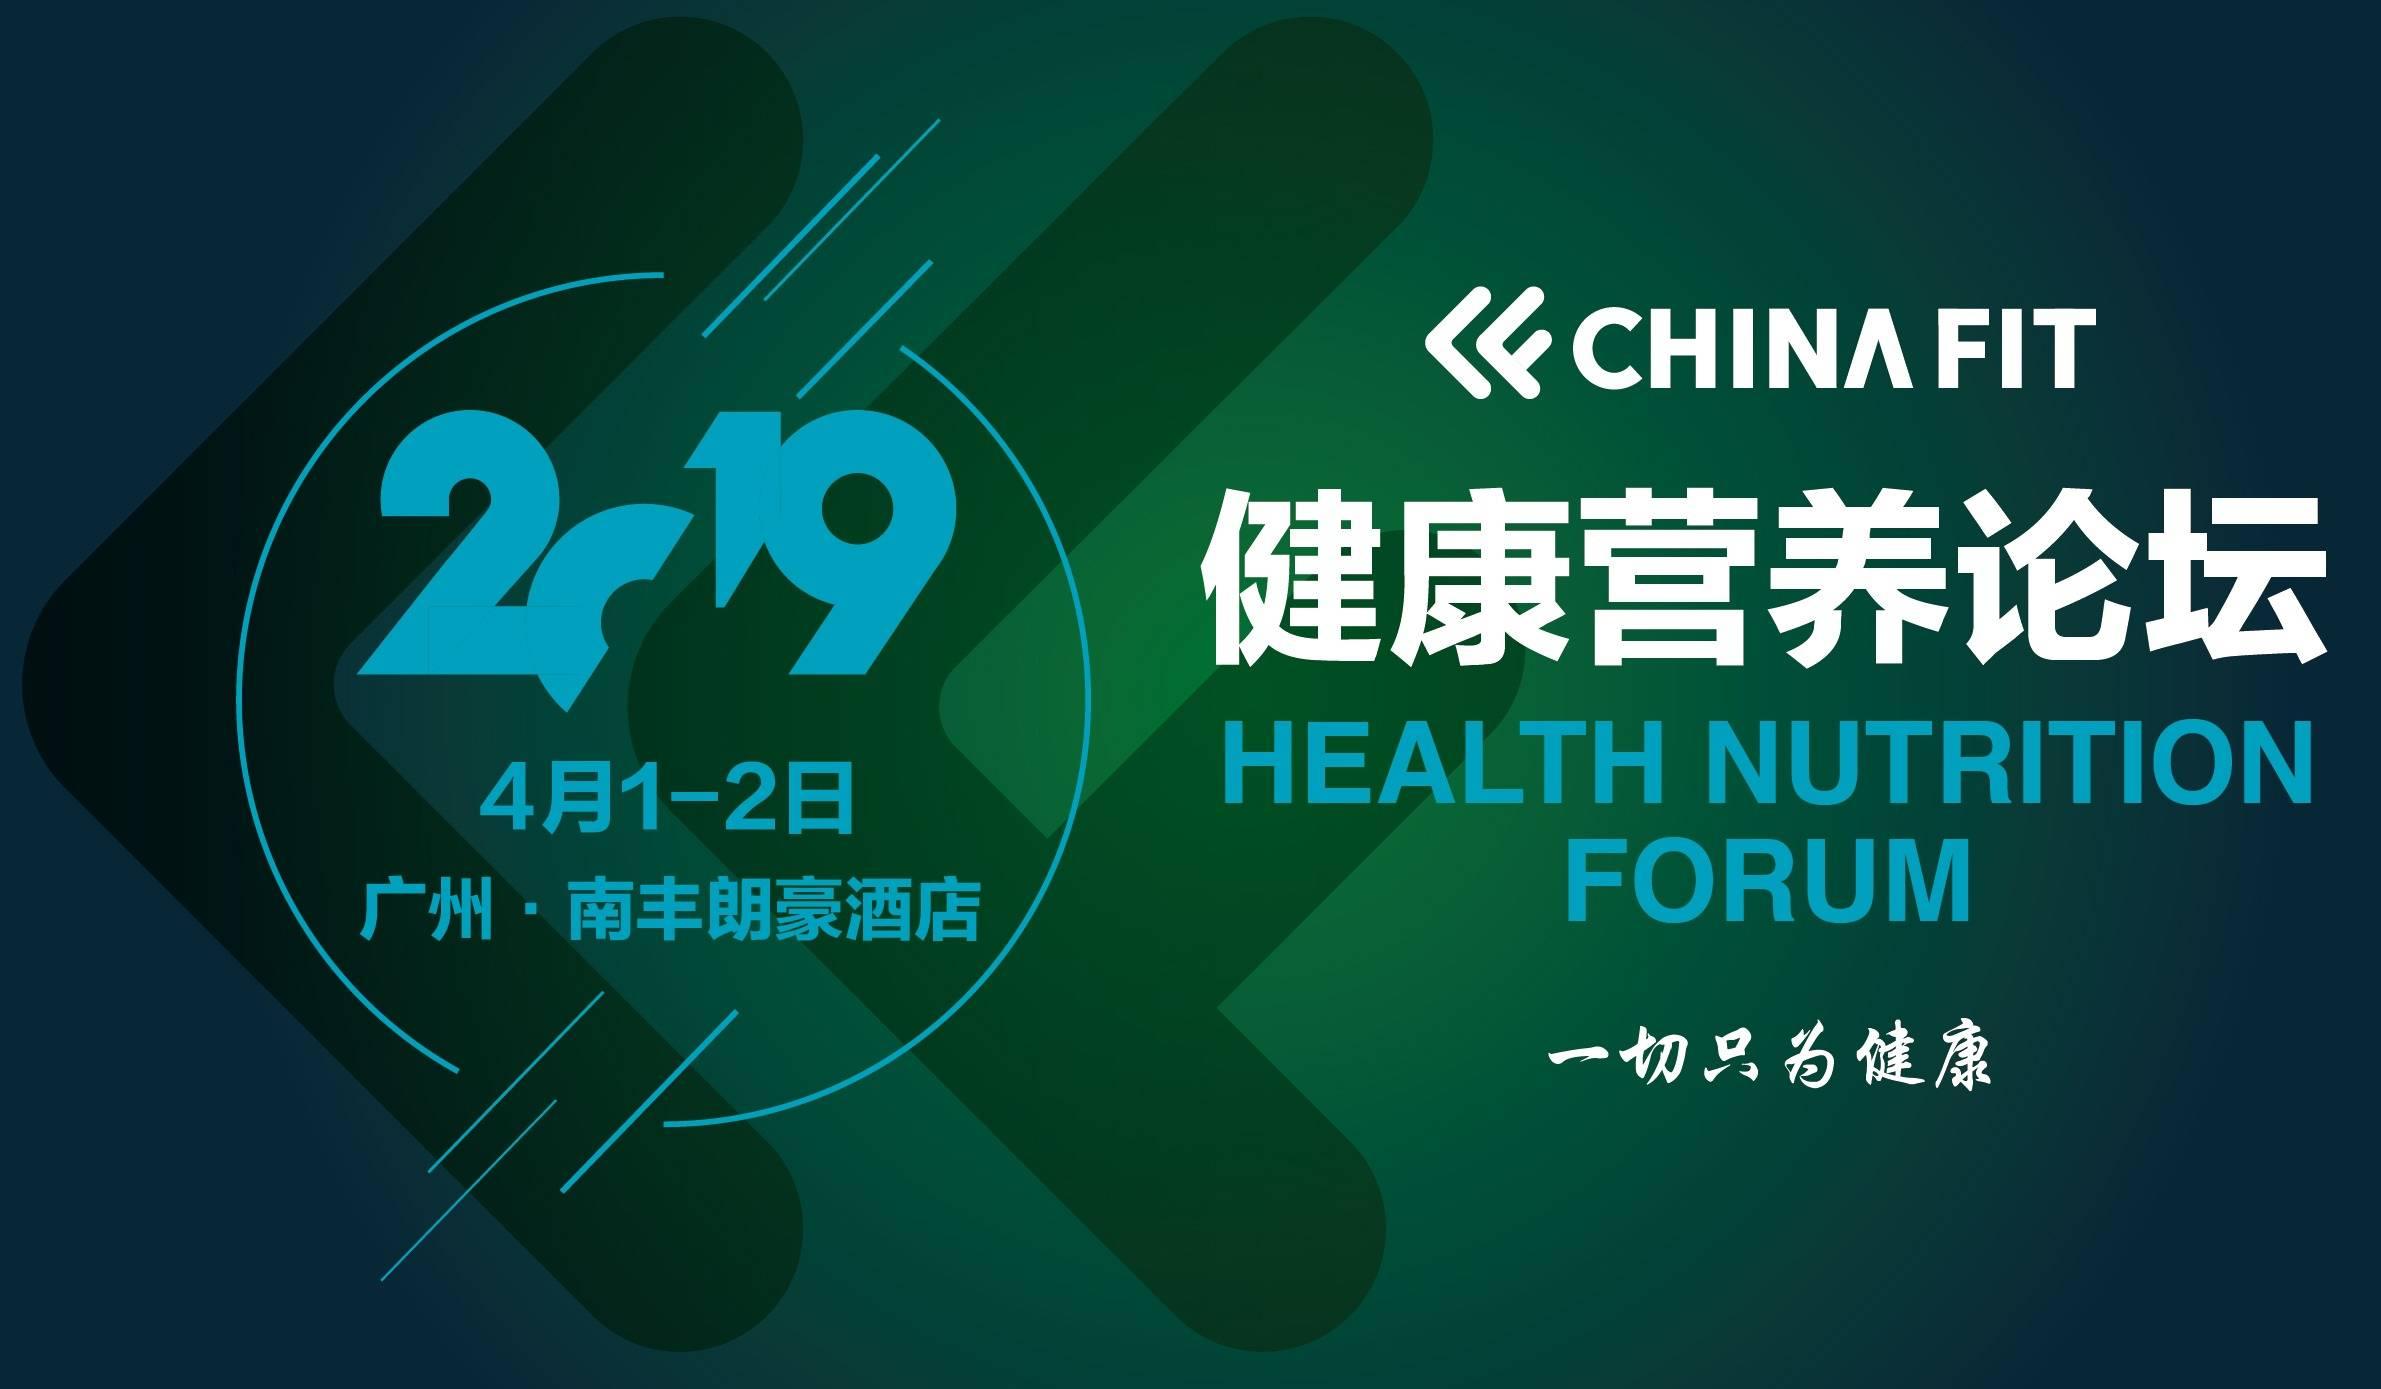 互动吧-五下羊城丨2019CHINAFIT健康营养论坛-广州站